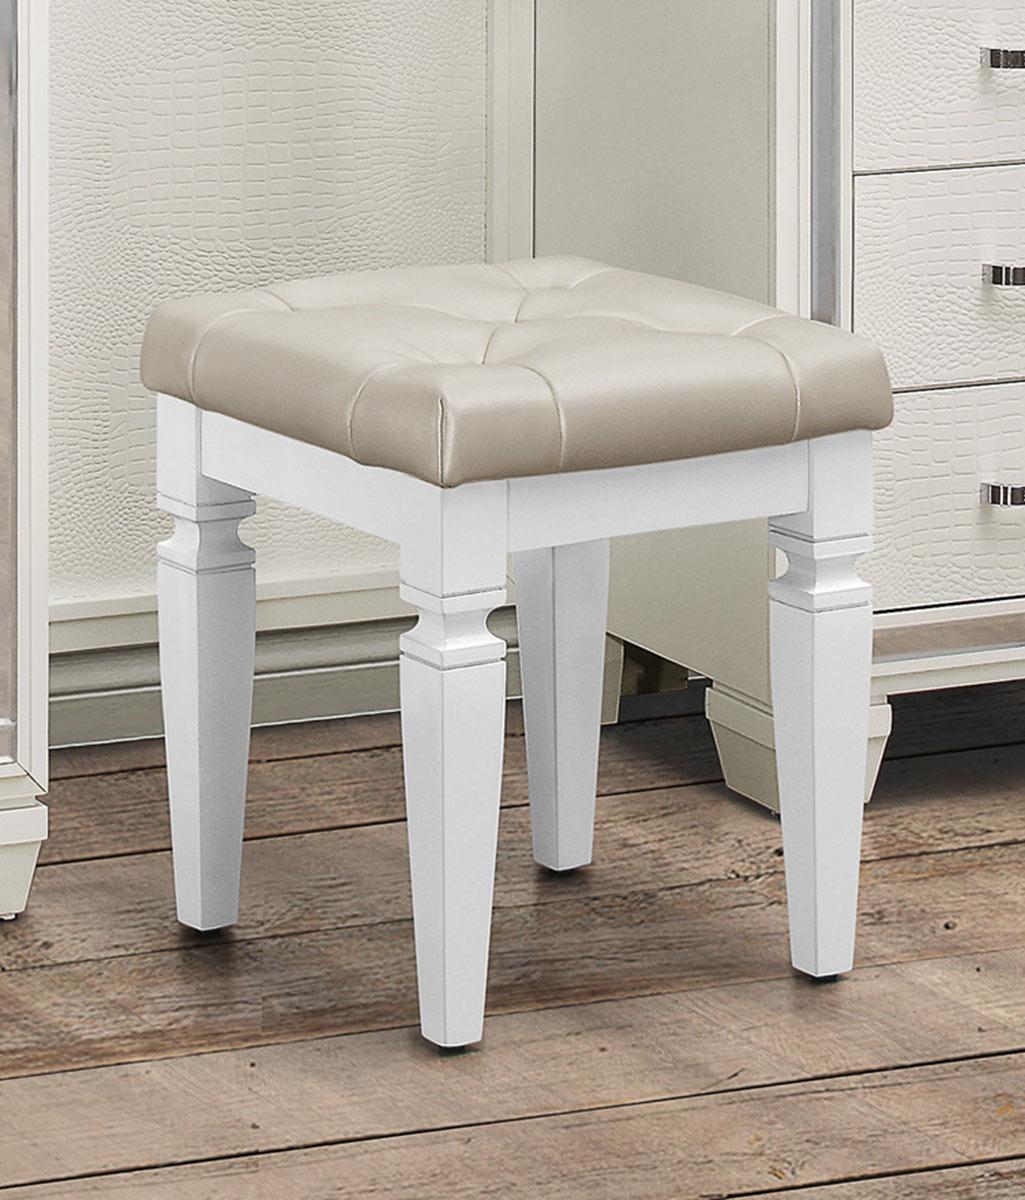 Homelegance Allura Vanity Stool - White